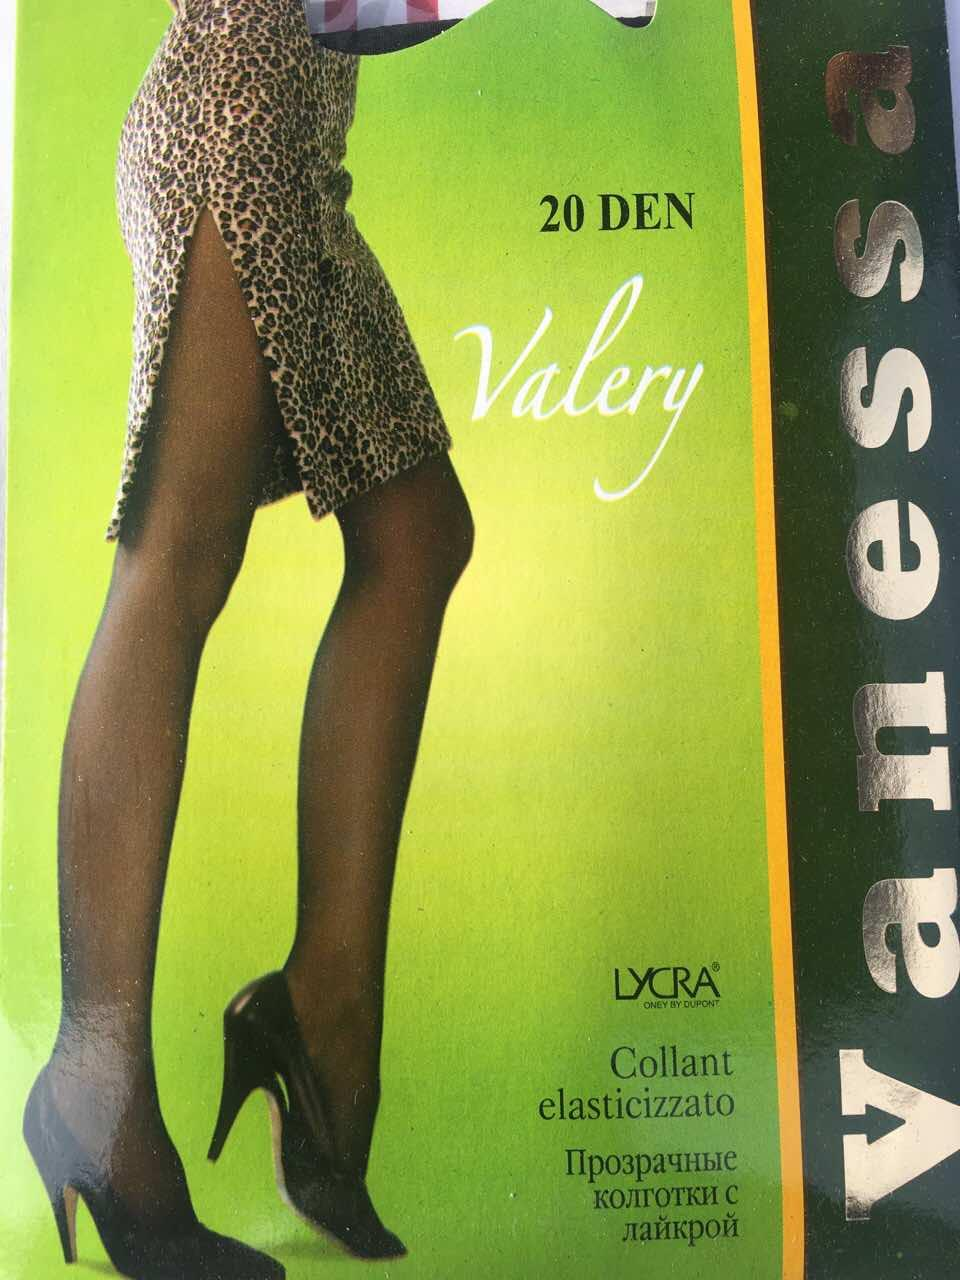 Valery 20